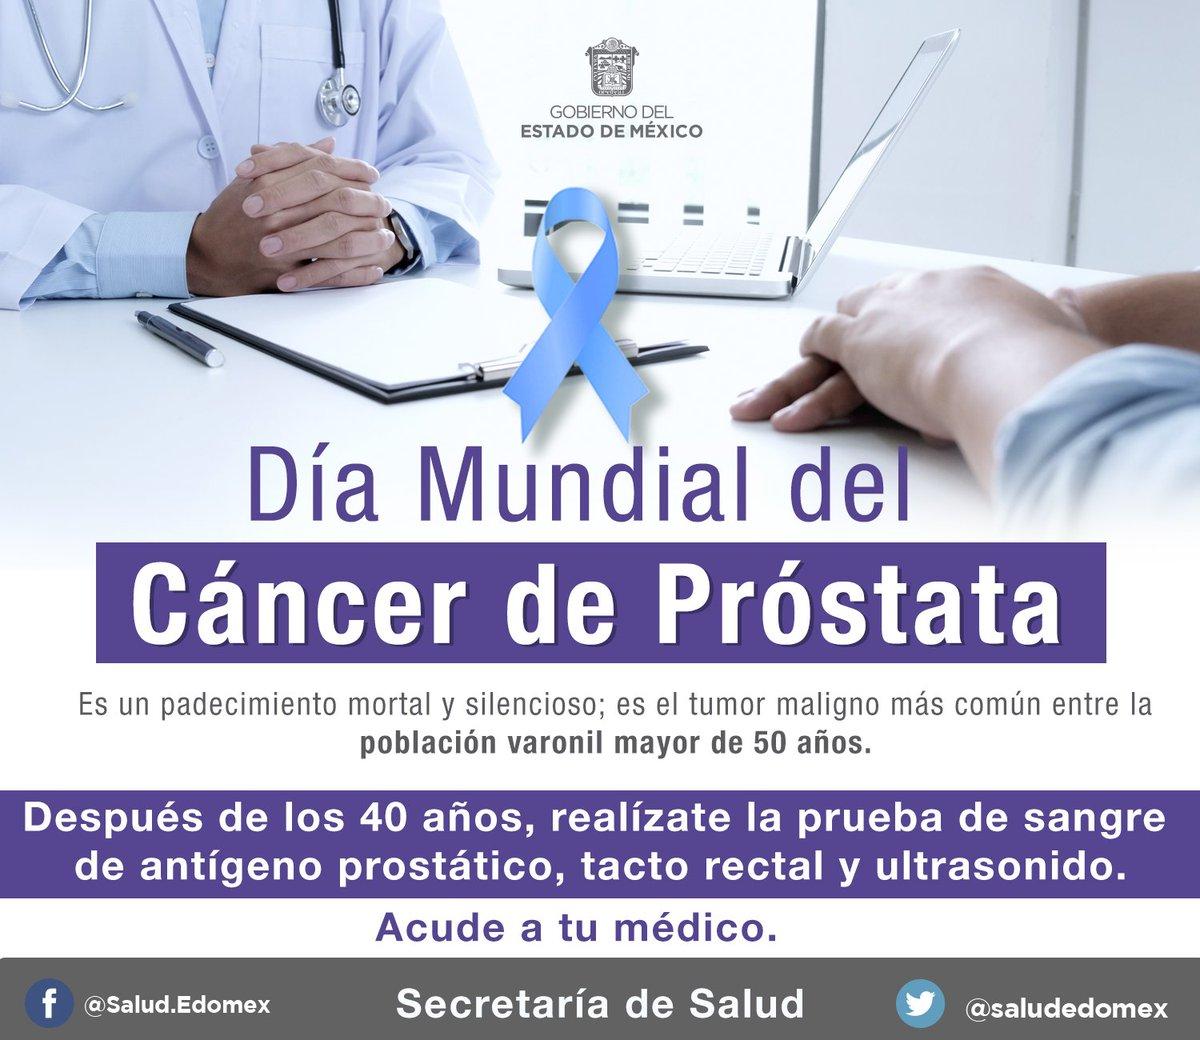 ultrasonido para detección de cáncer de próstata